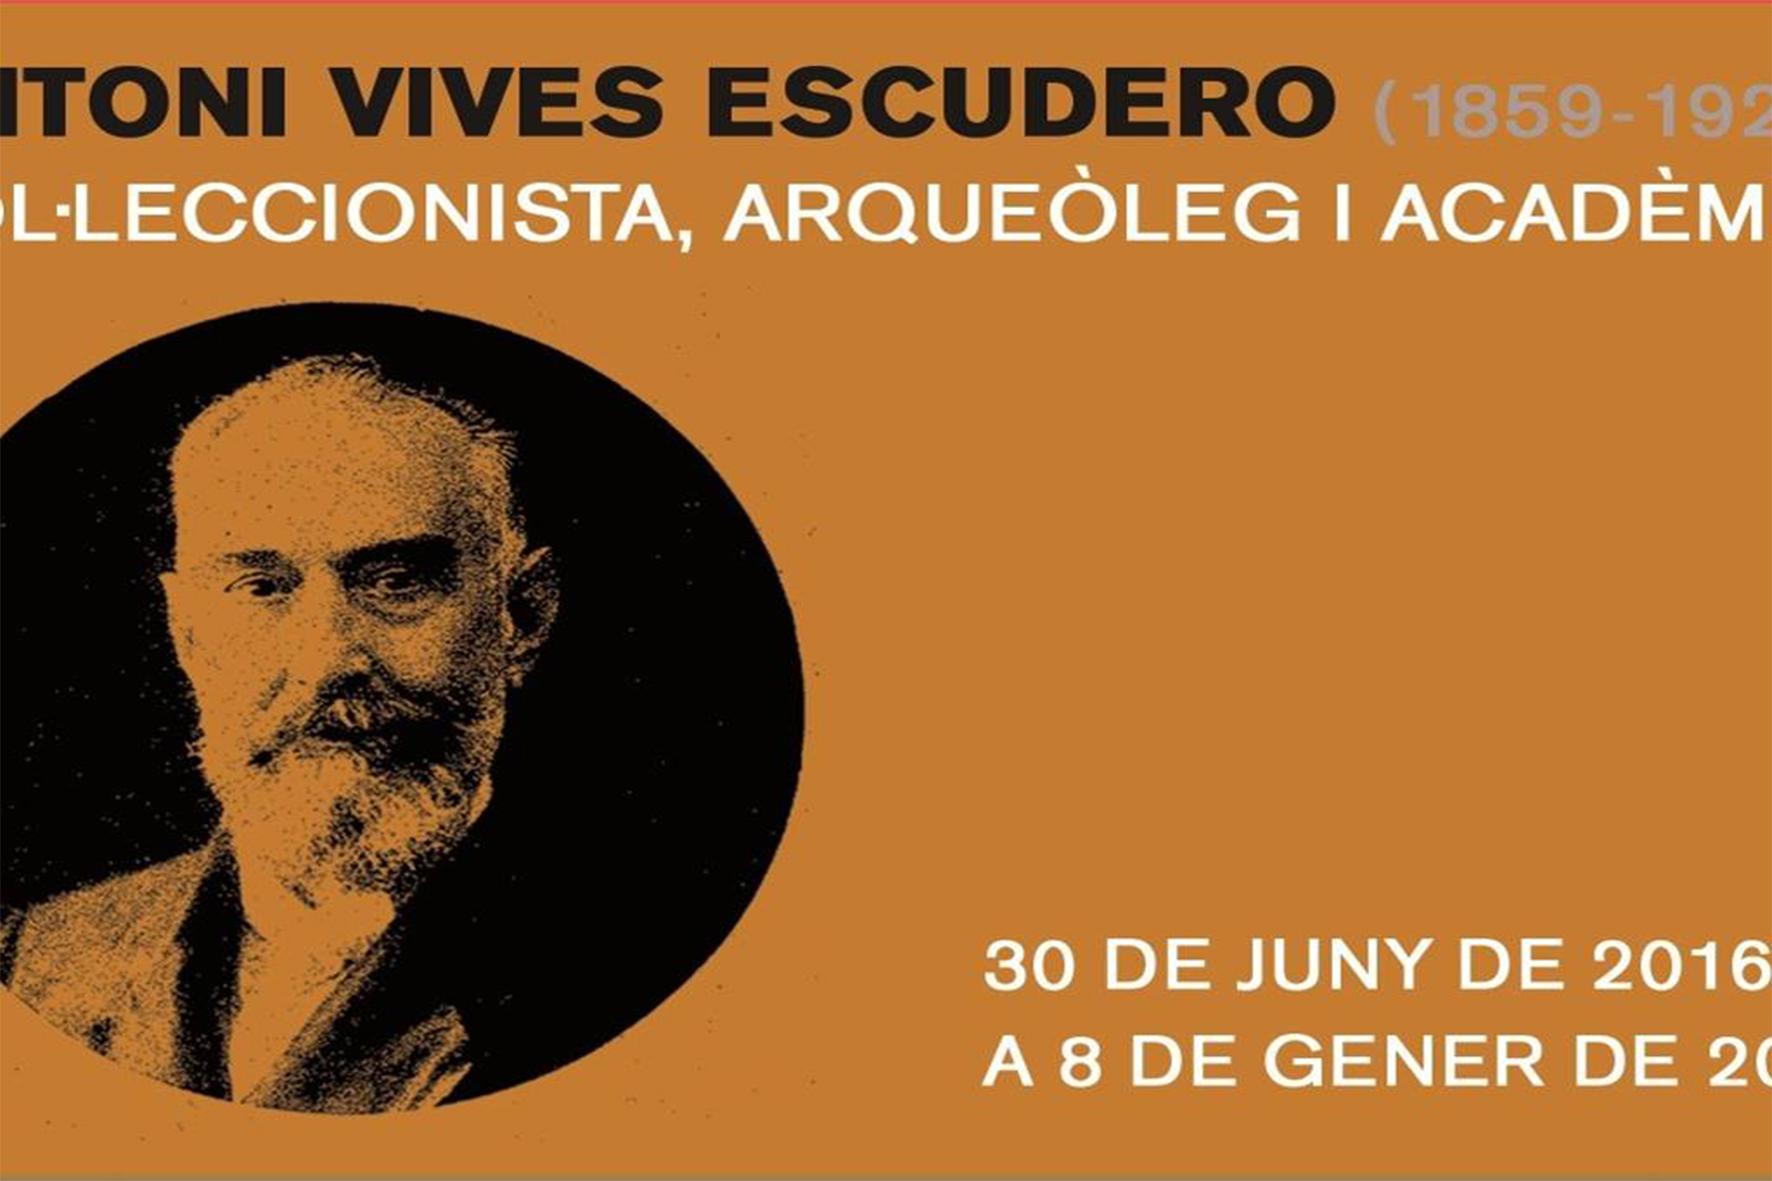 Antoni Vives Escudero